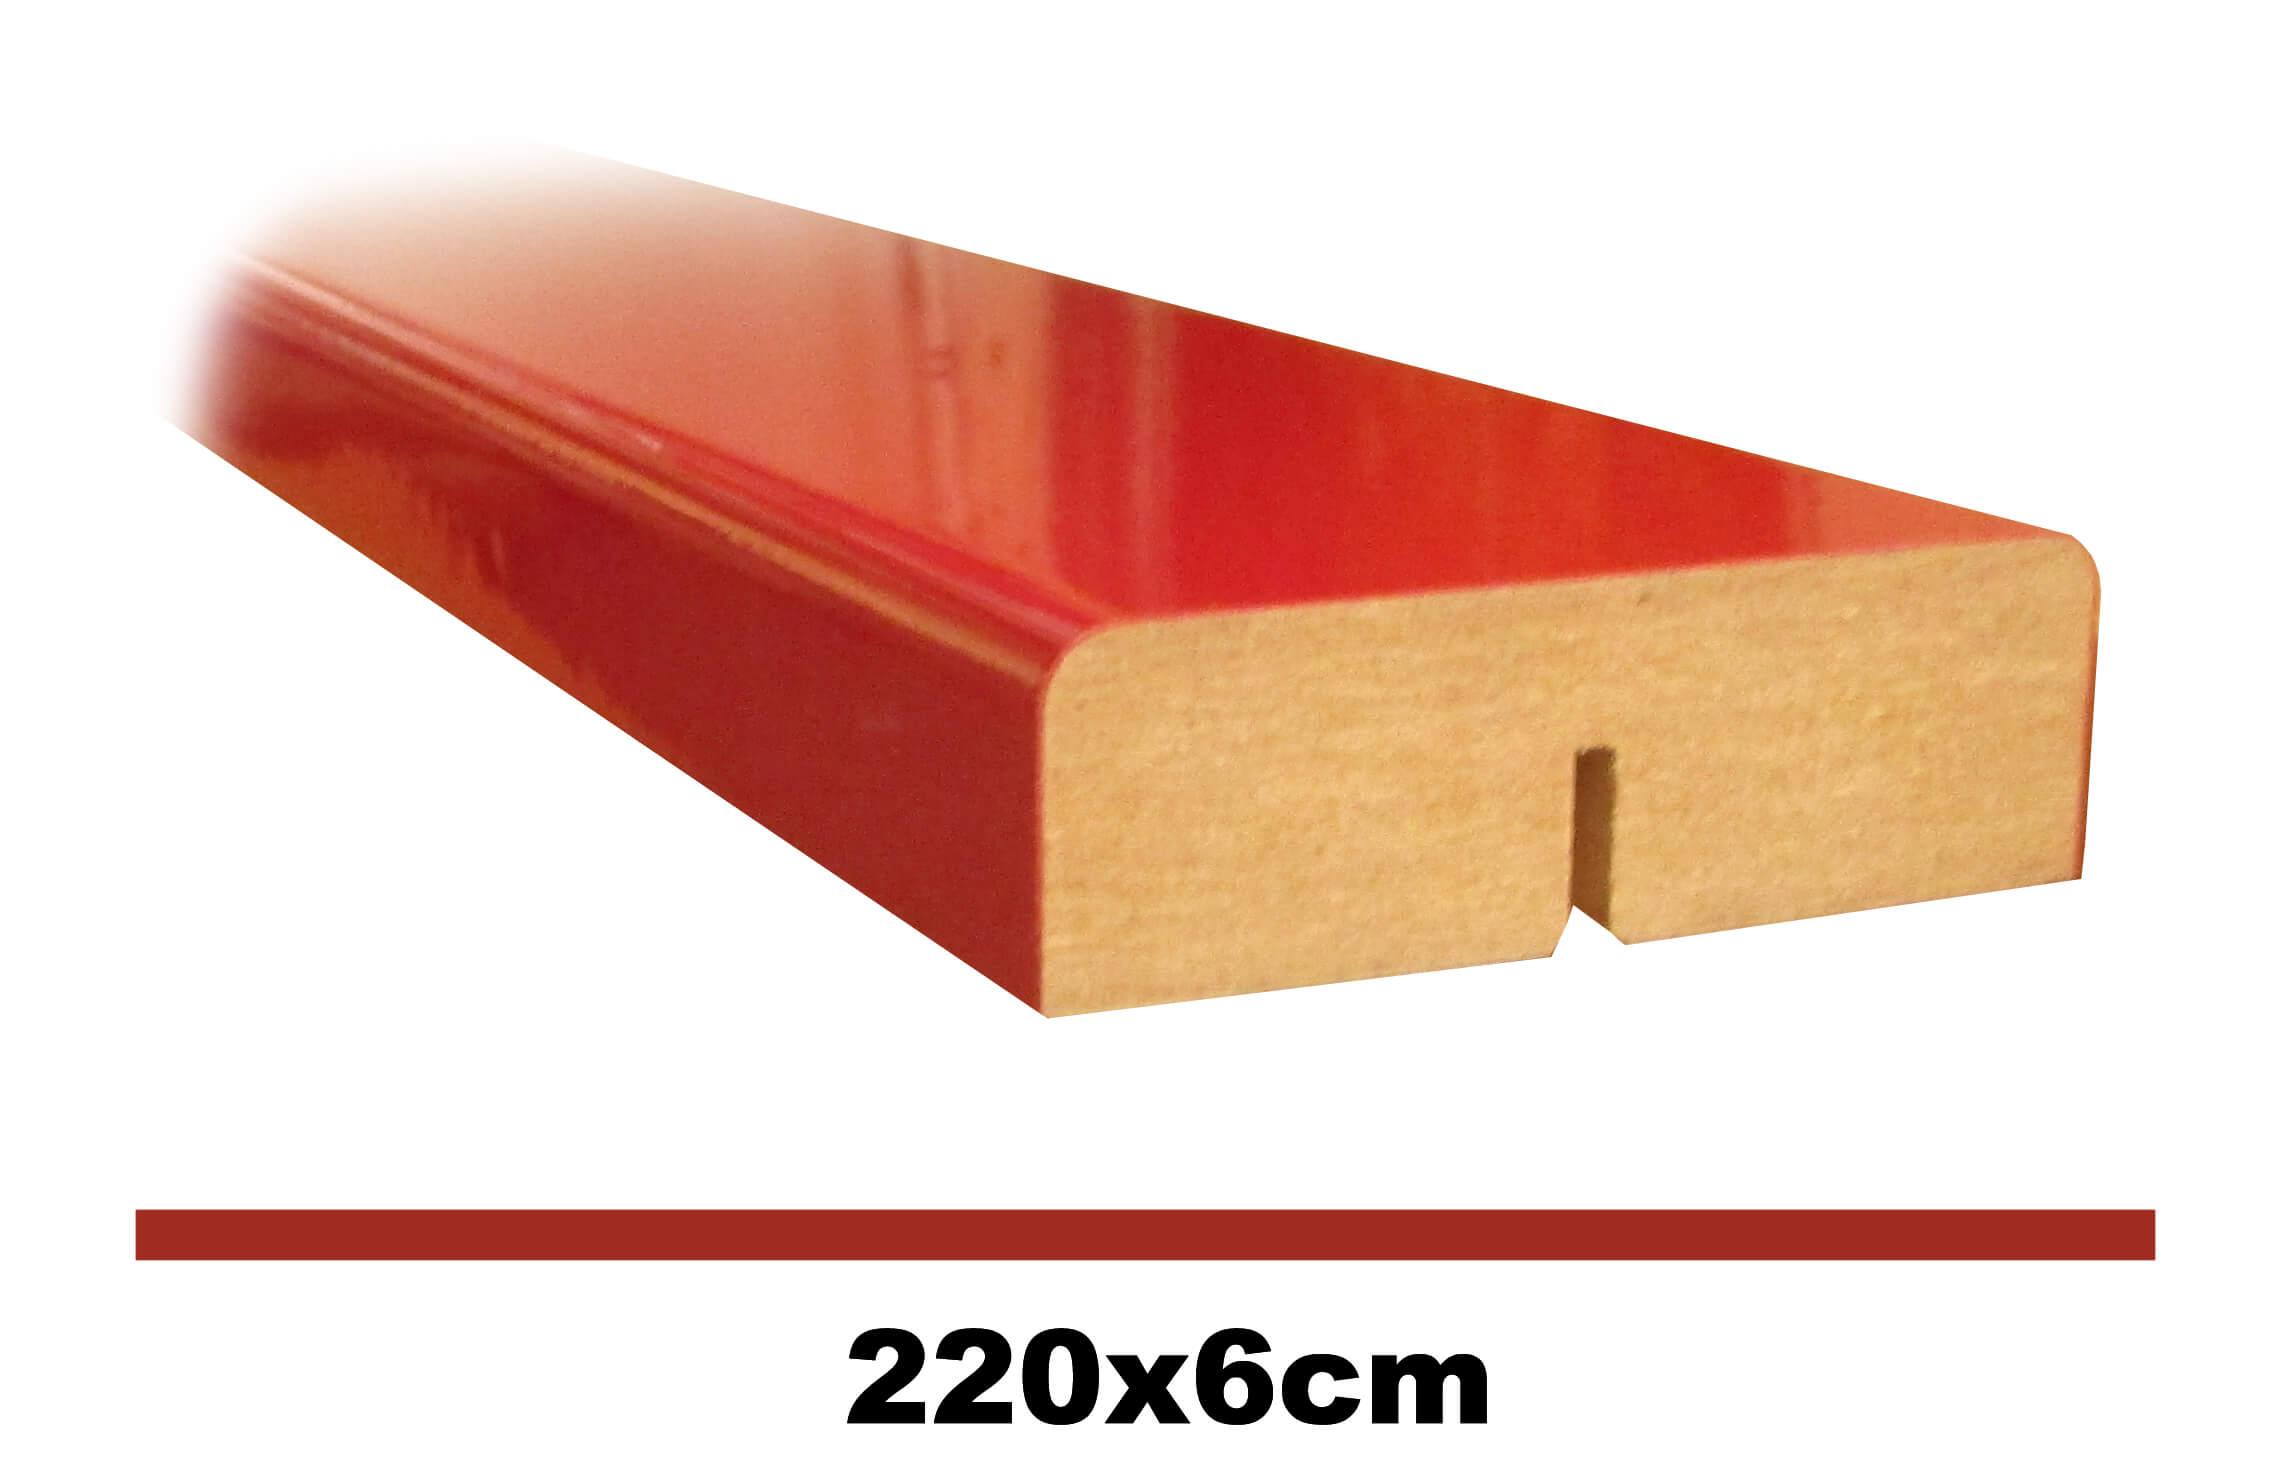 Full Size of Ikea Ringhult Dekorleiste 220cm Hochglanz Rot 50255923 Küche Kaufen Kosten Betten Bei Sofa Mit Schlaffunktion 160x200 Modulküche Miniküche Wohnzimmer Ringhult Ikea